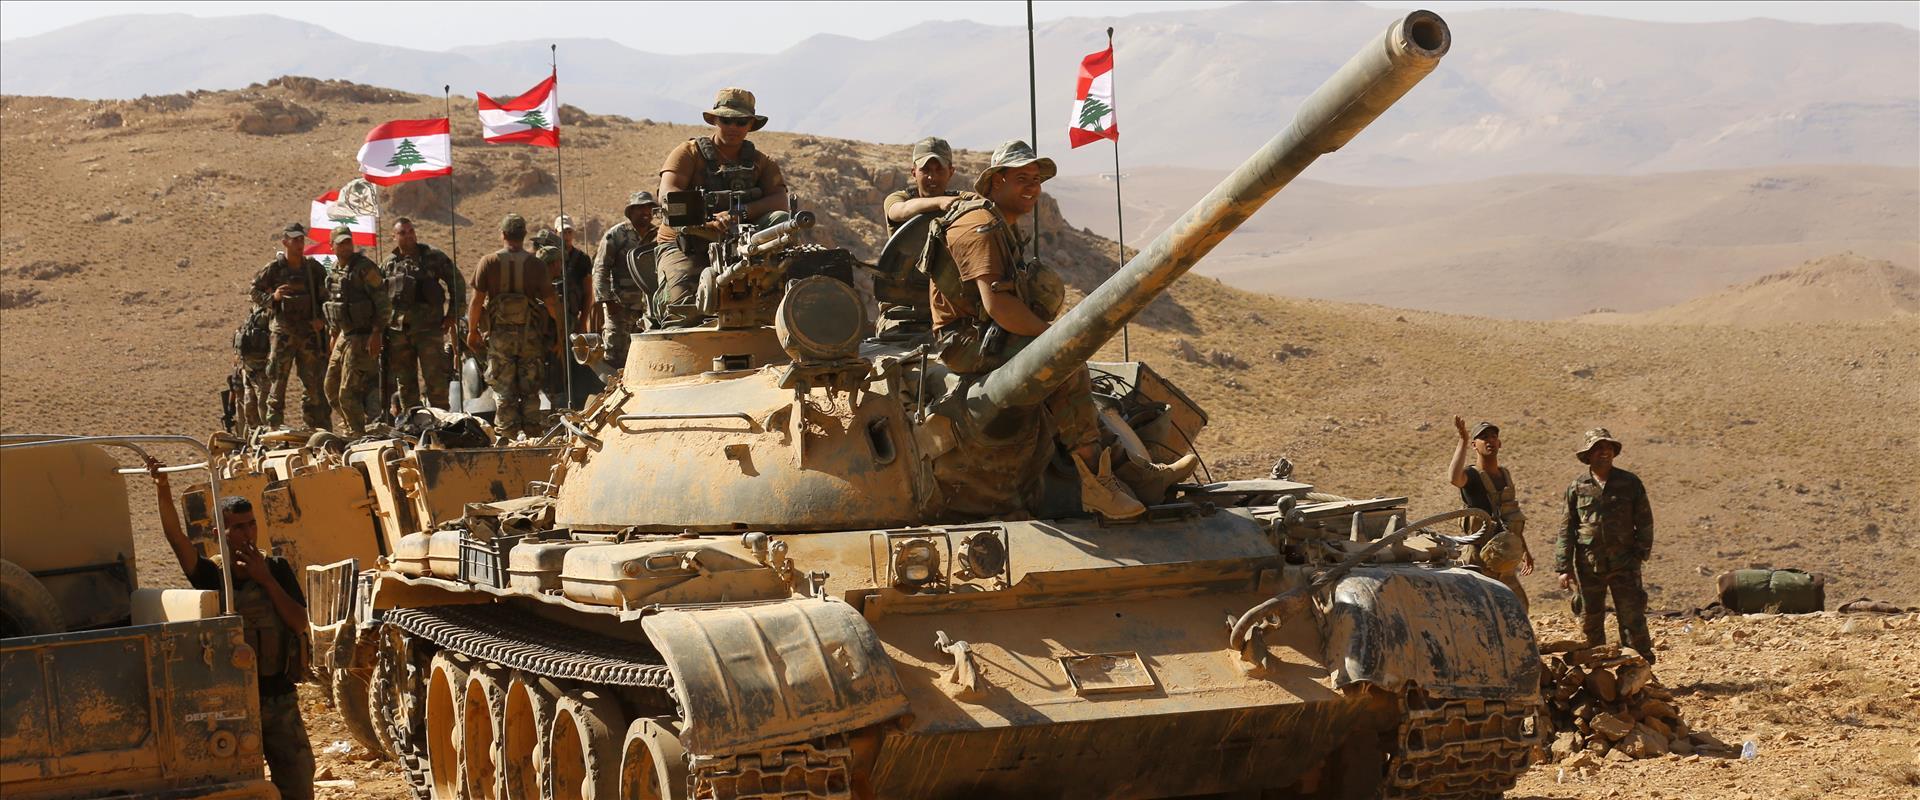 צבא לבנון, ארכיון